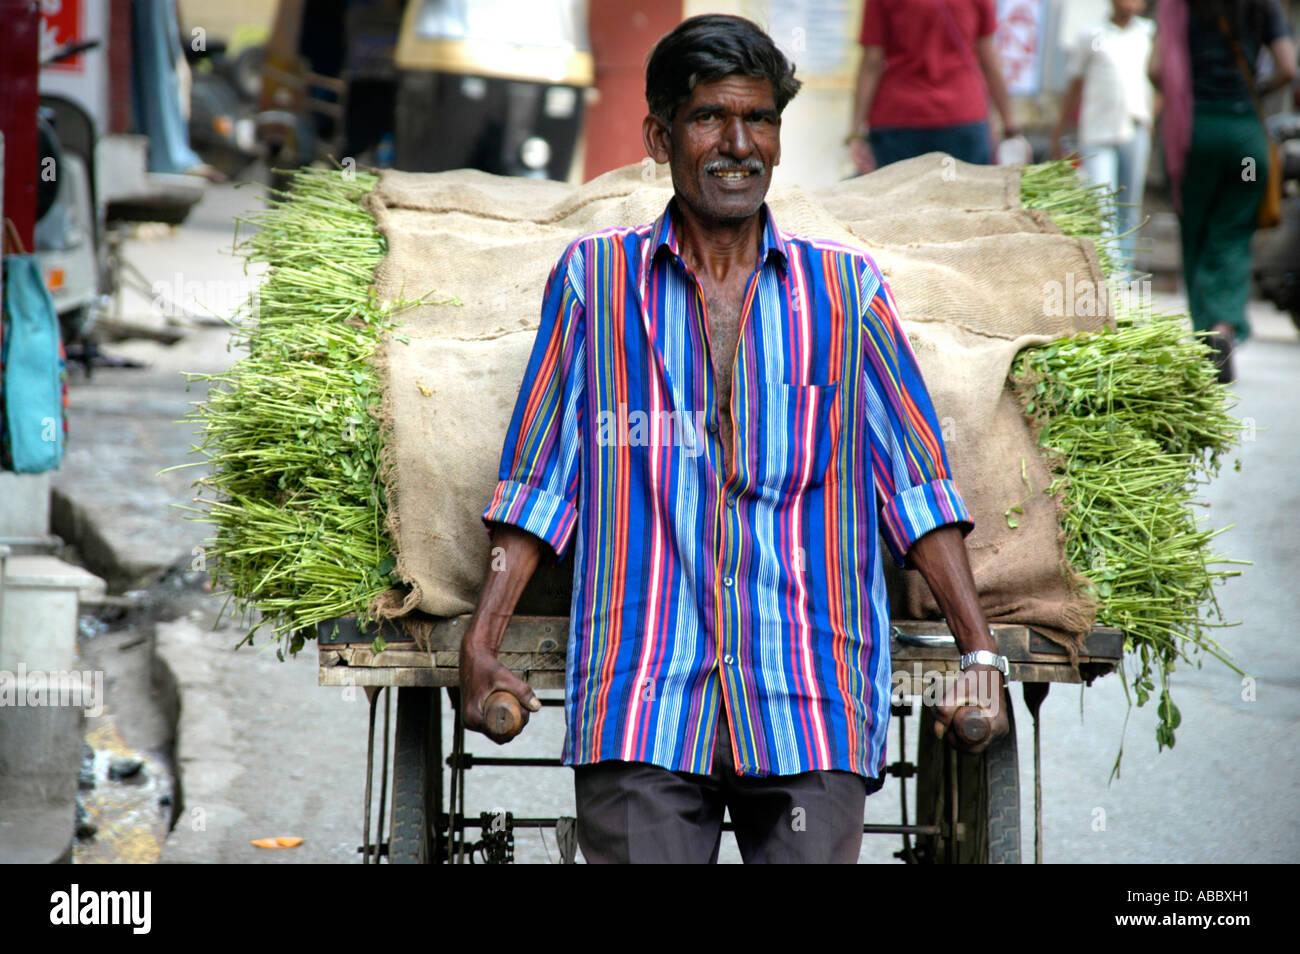 L'homme Indien avec une chemise colorée pousse une brouette remplie de gras Udaipur Rajasthan Inde Banque D'Images